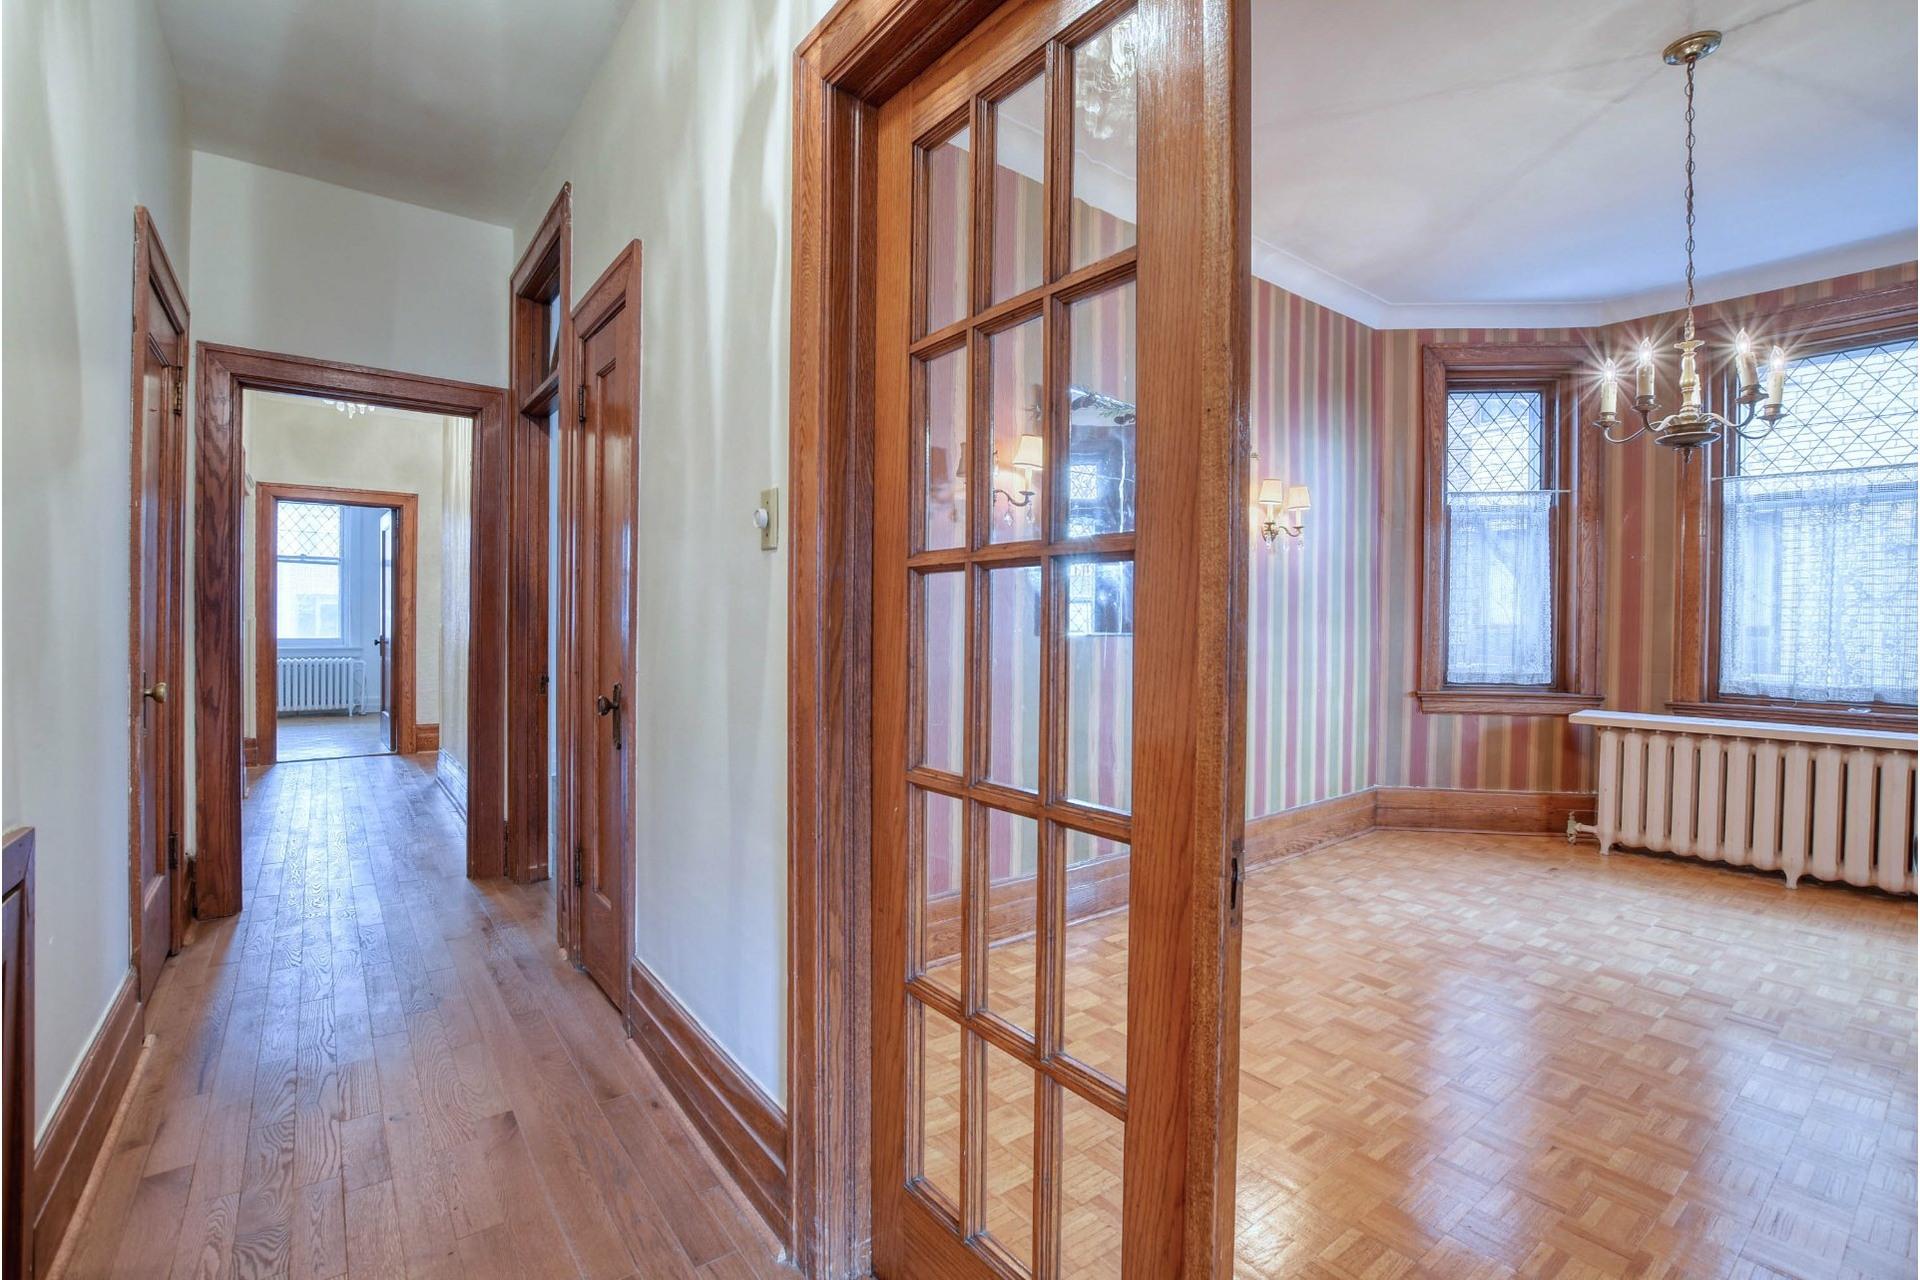 image 5 - Duplex For sale Côte-des-Neiges/Notre-Dame-de-Grâce Montréal  - 8 rooms